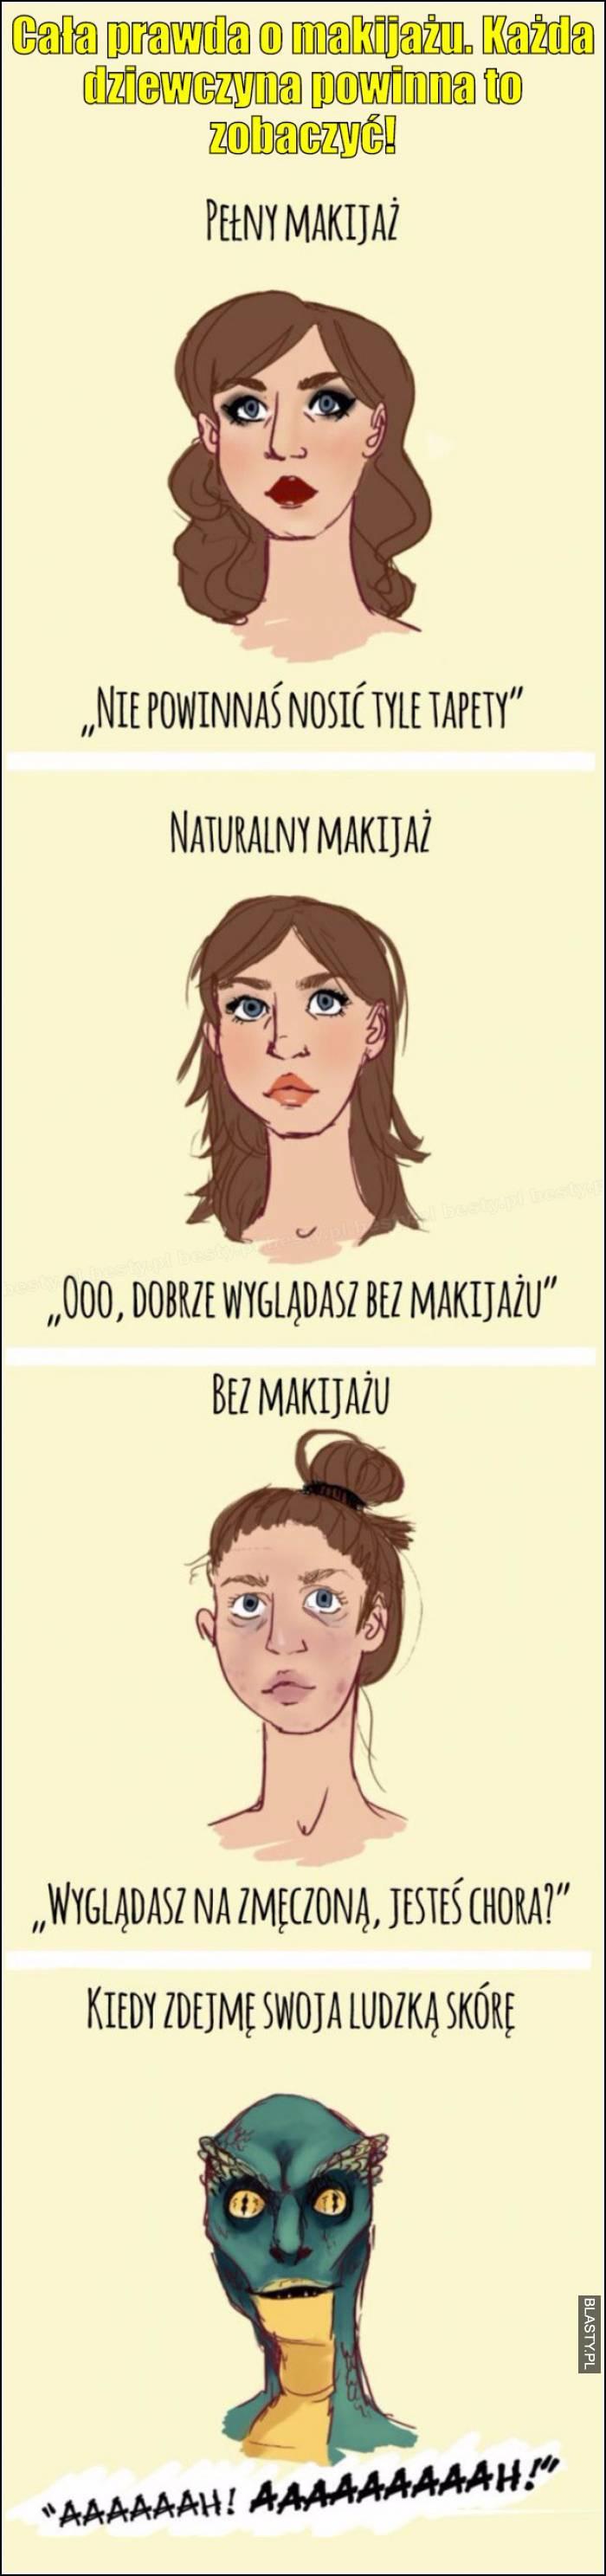 Cala prawda o makijażu